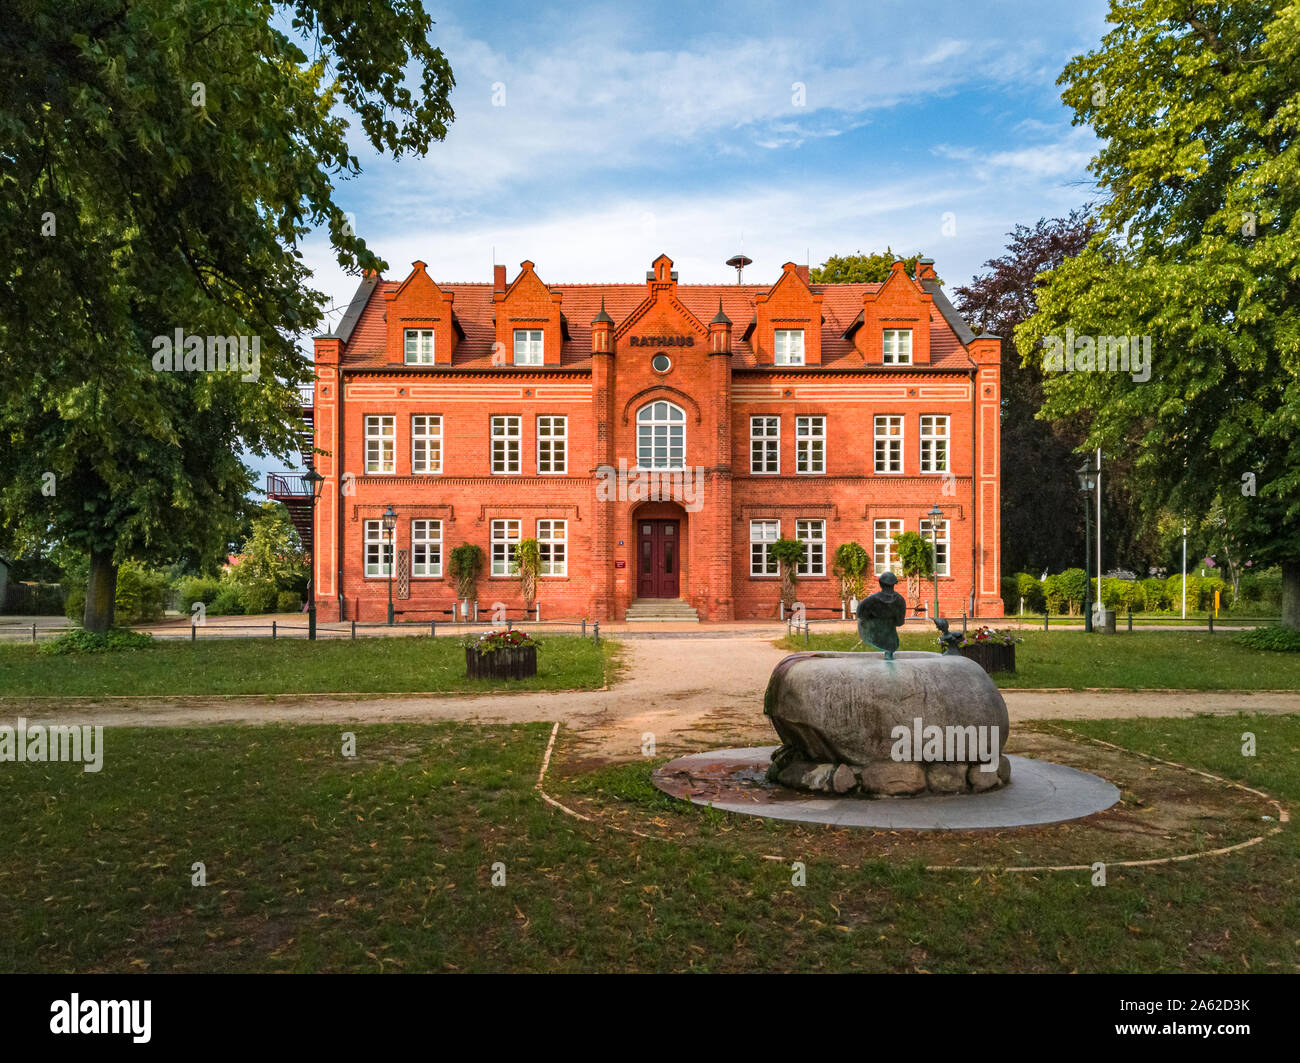 Blick auf das historische Rathaus der Stadt Dargun, Mecklenburg-Vorpommern, Deutschland, Europa. Stockfoto